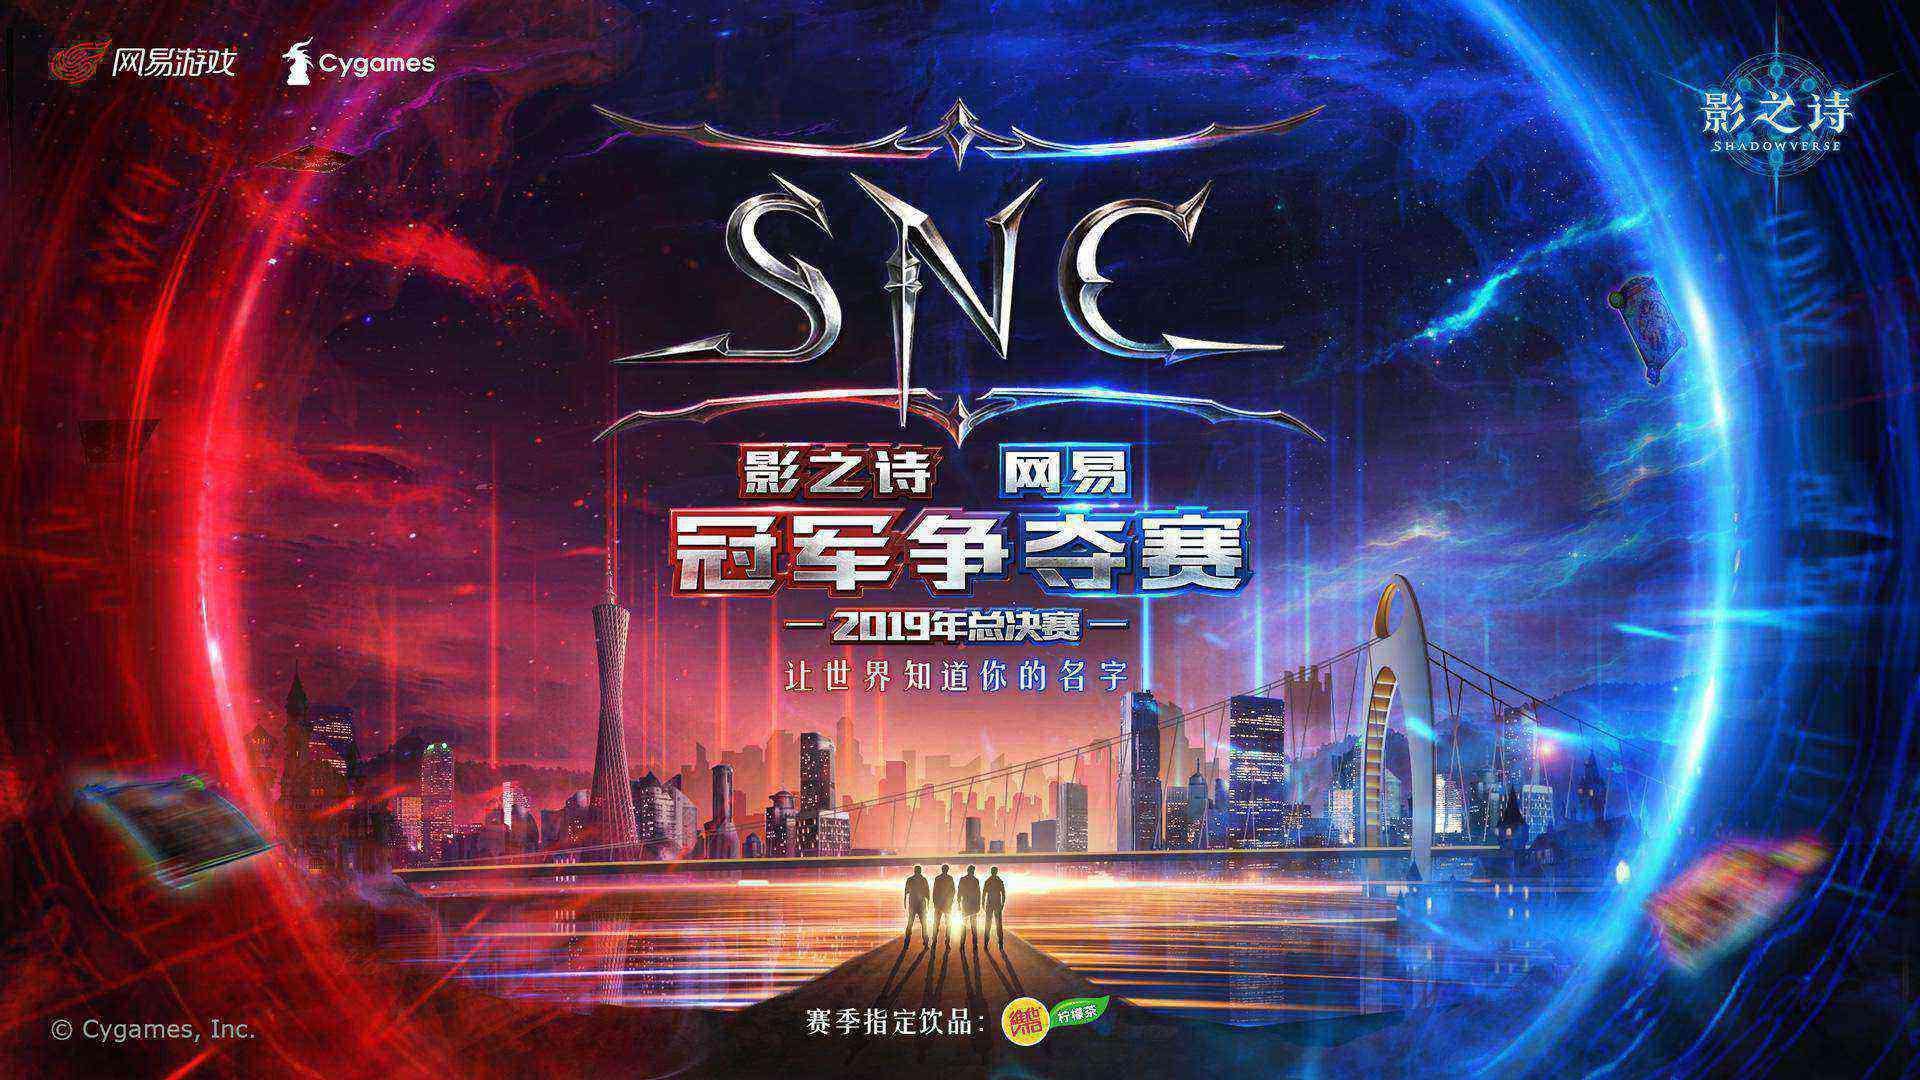 燃卡牌之魂,立竞技之巅!《影之诗》SNC2019总决赛即将华丽开幕!